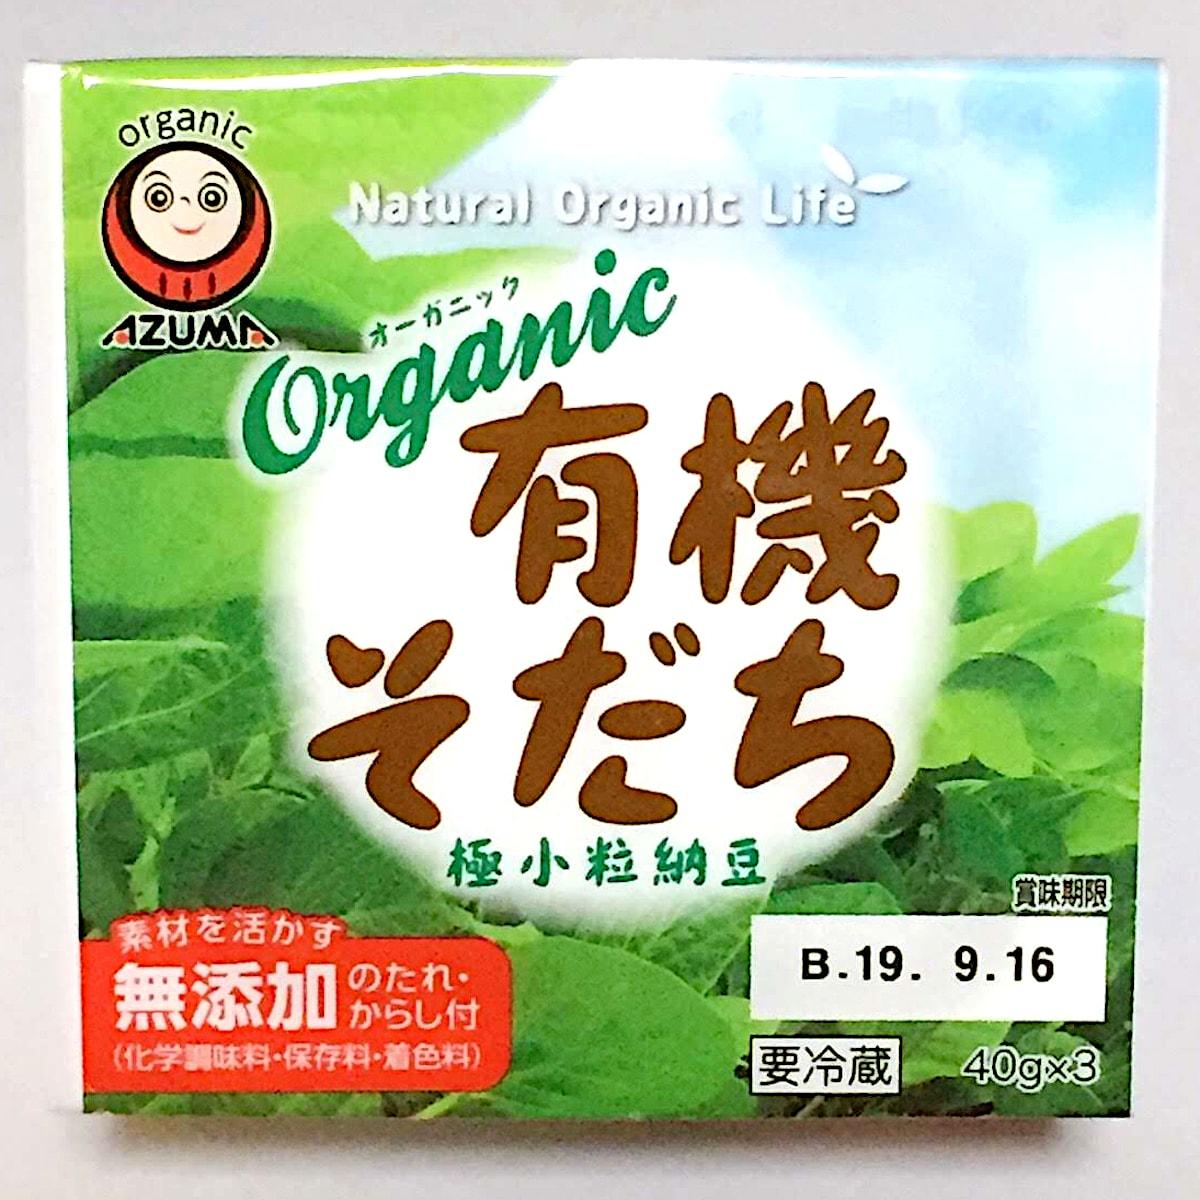 あづま食品の「有機そだち 極小粒納豆」